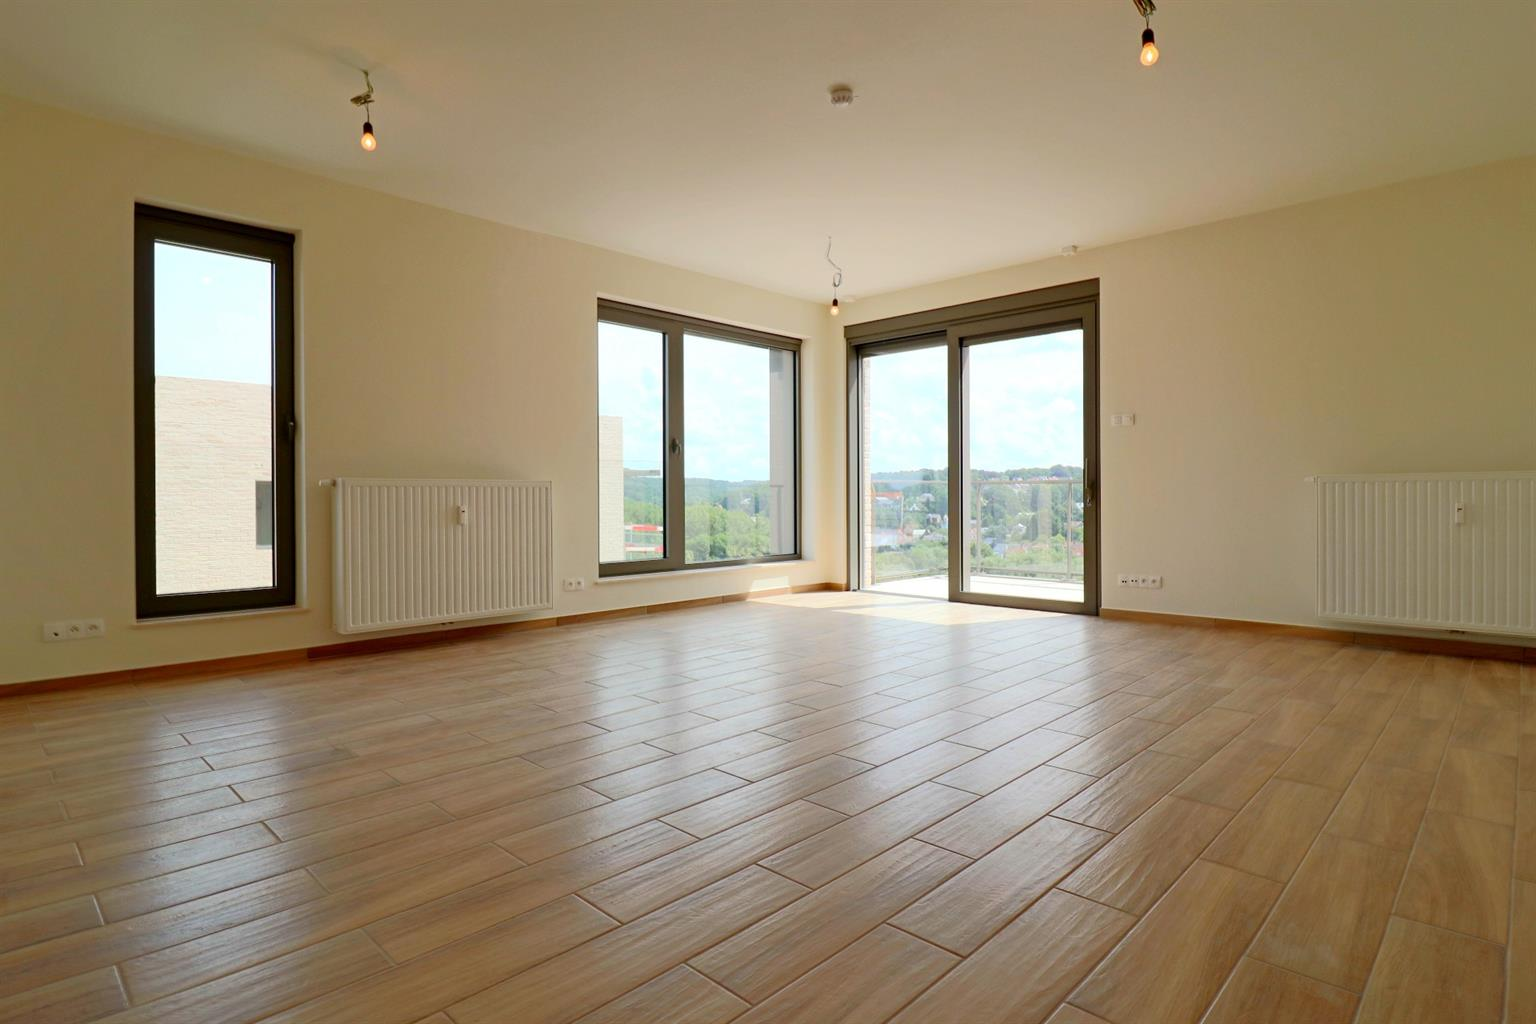 Appartement - Ottignies-Louvain-la-Neuve - #4406884-1